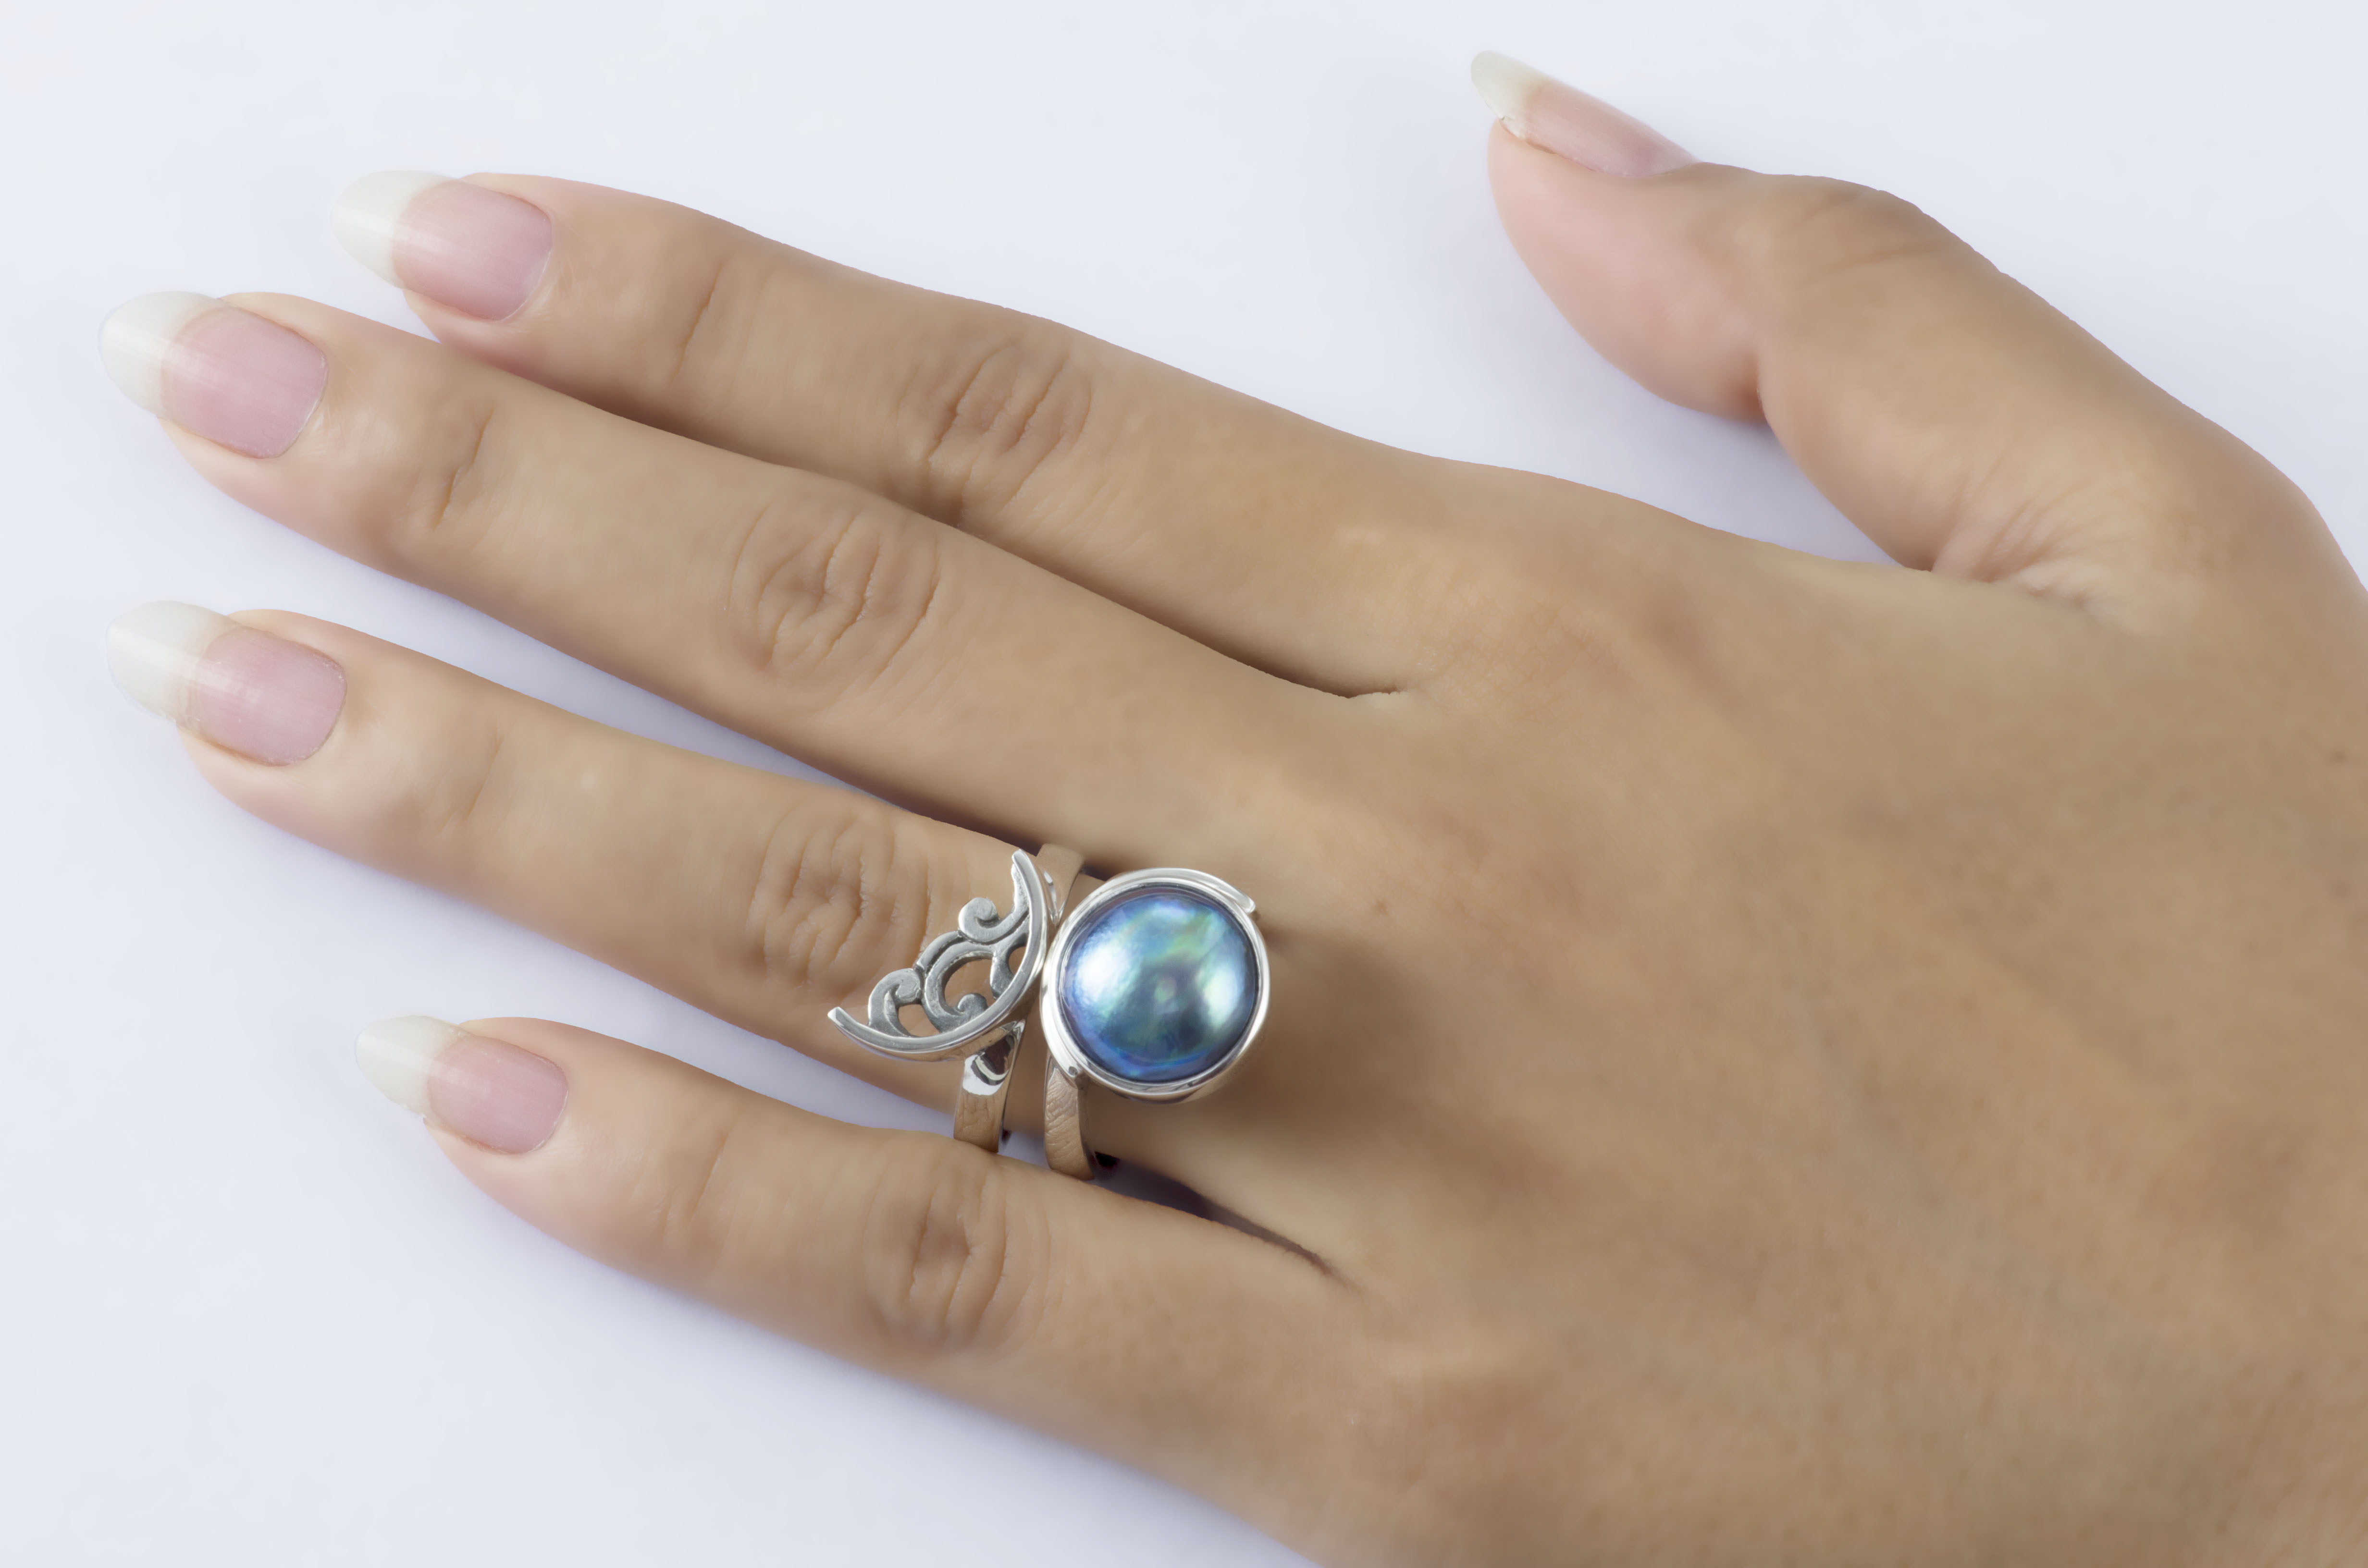 KS455-finger-1